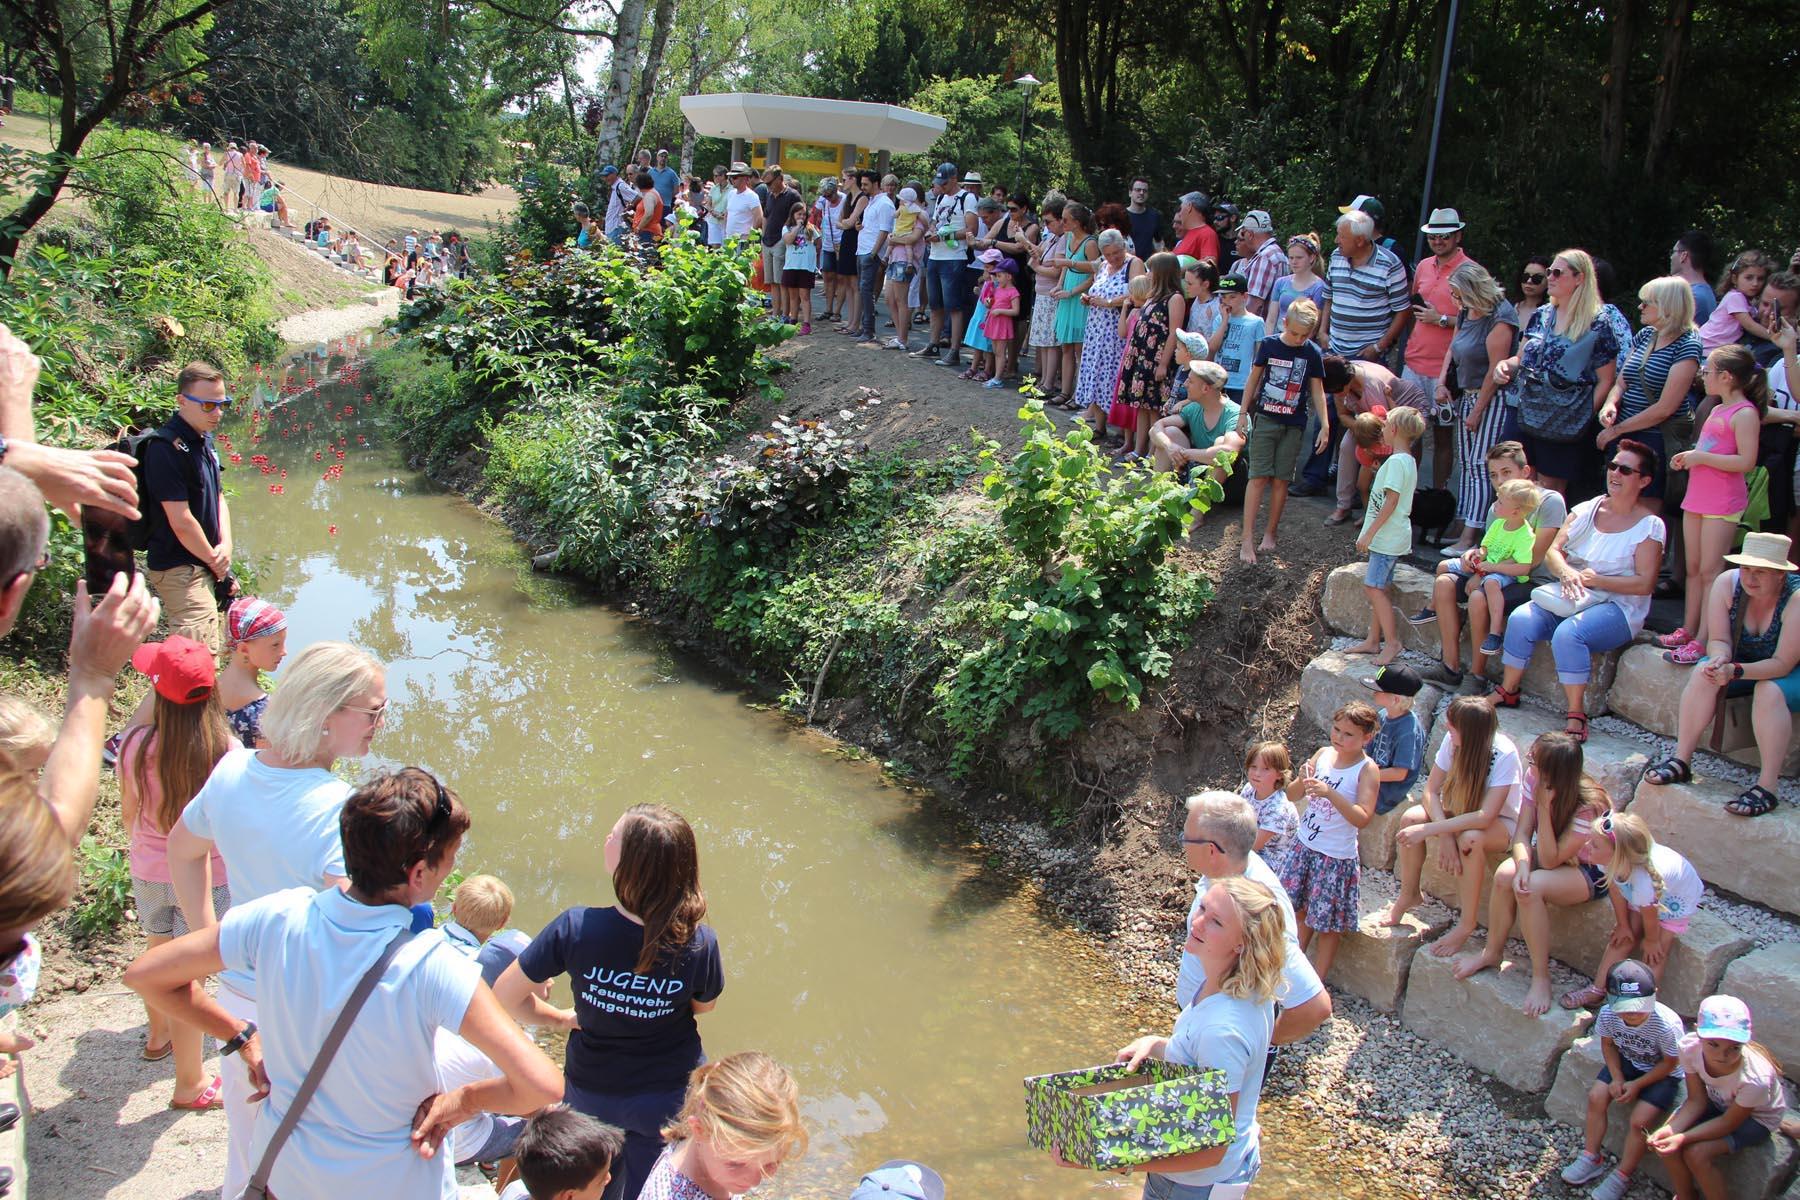 Ziel-Einlauf beim Entenrennen im Rahmen des 1. Bad Schönborner Familienfestivals am 15. Juli 2018